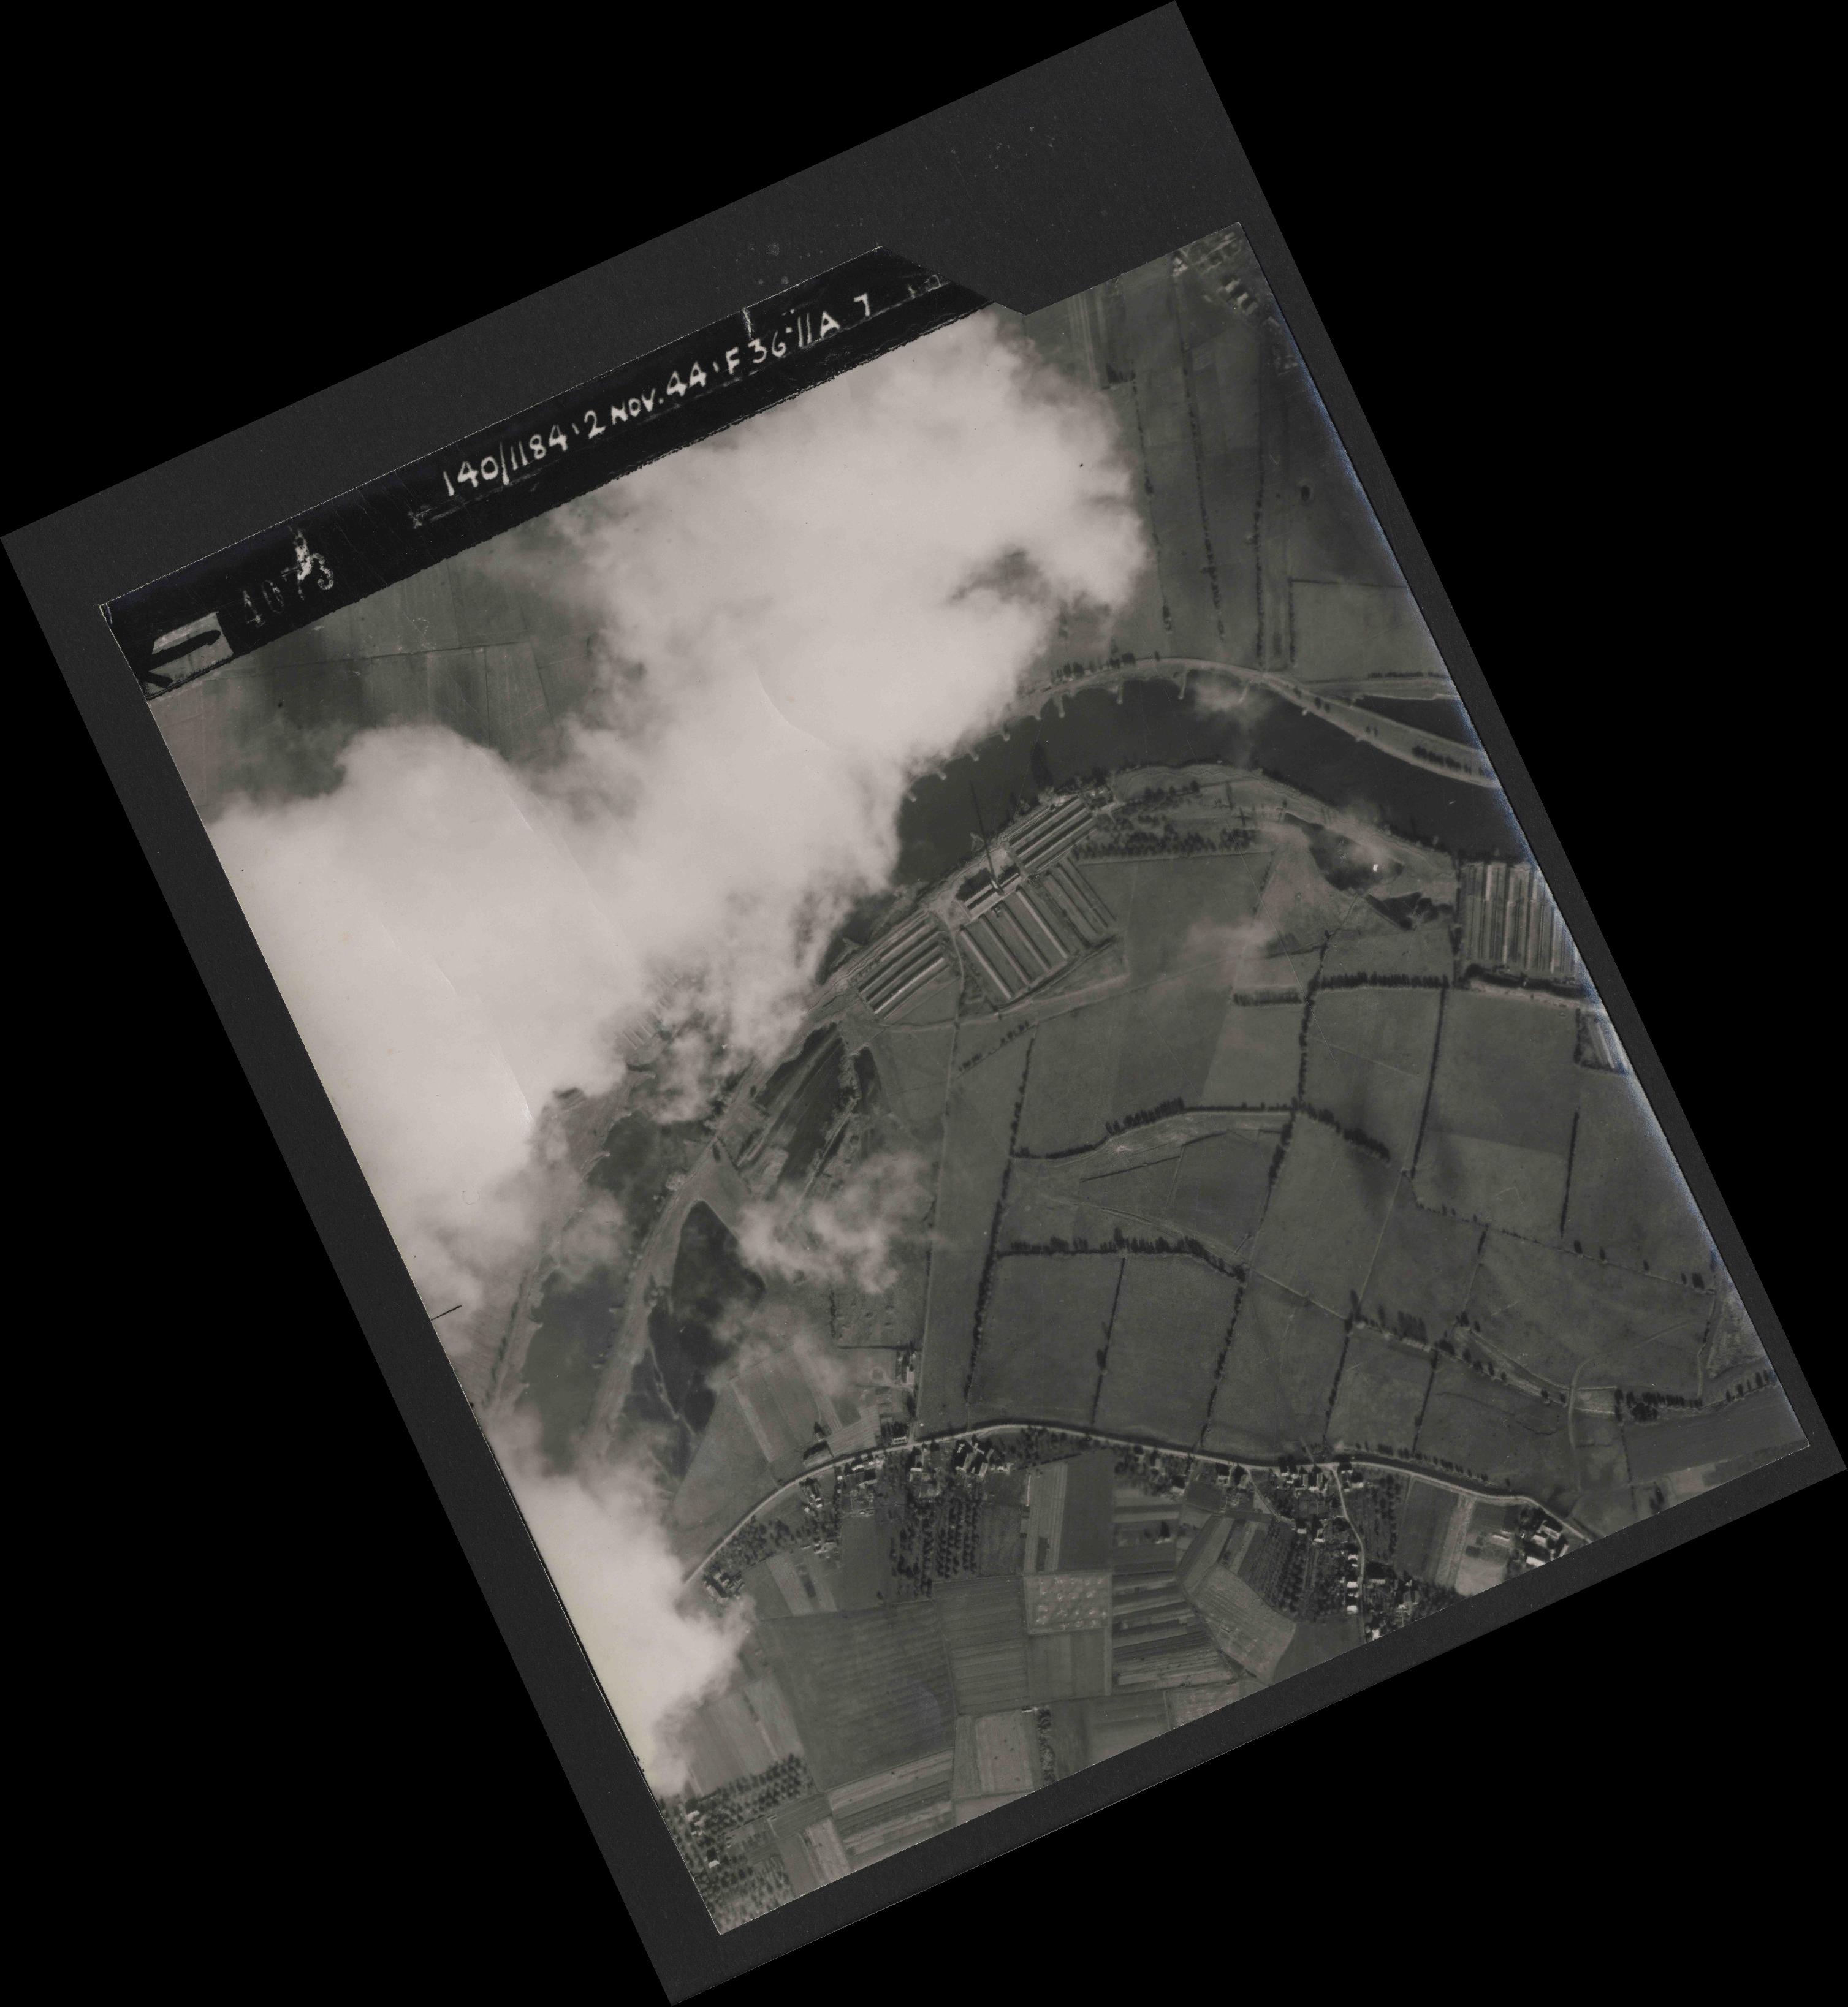 Collection RAF aerial photos 1940-1945 - flight 228, run 07, photo 4073